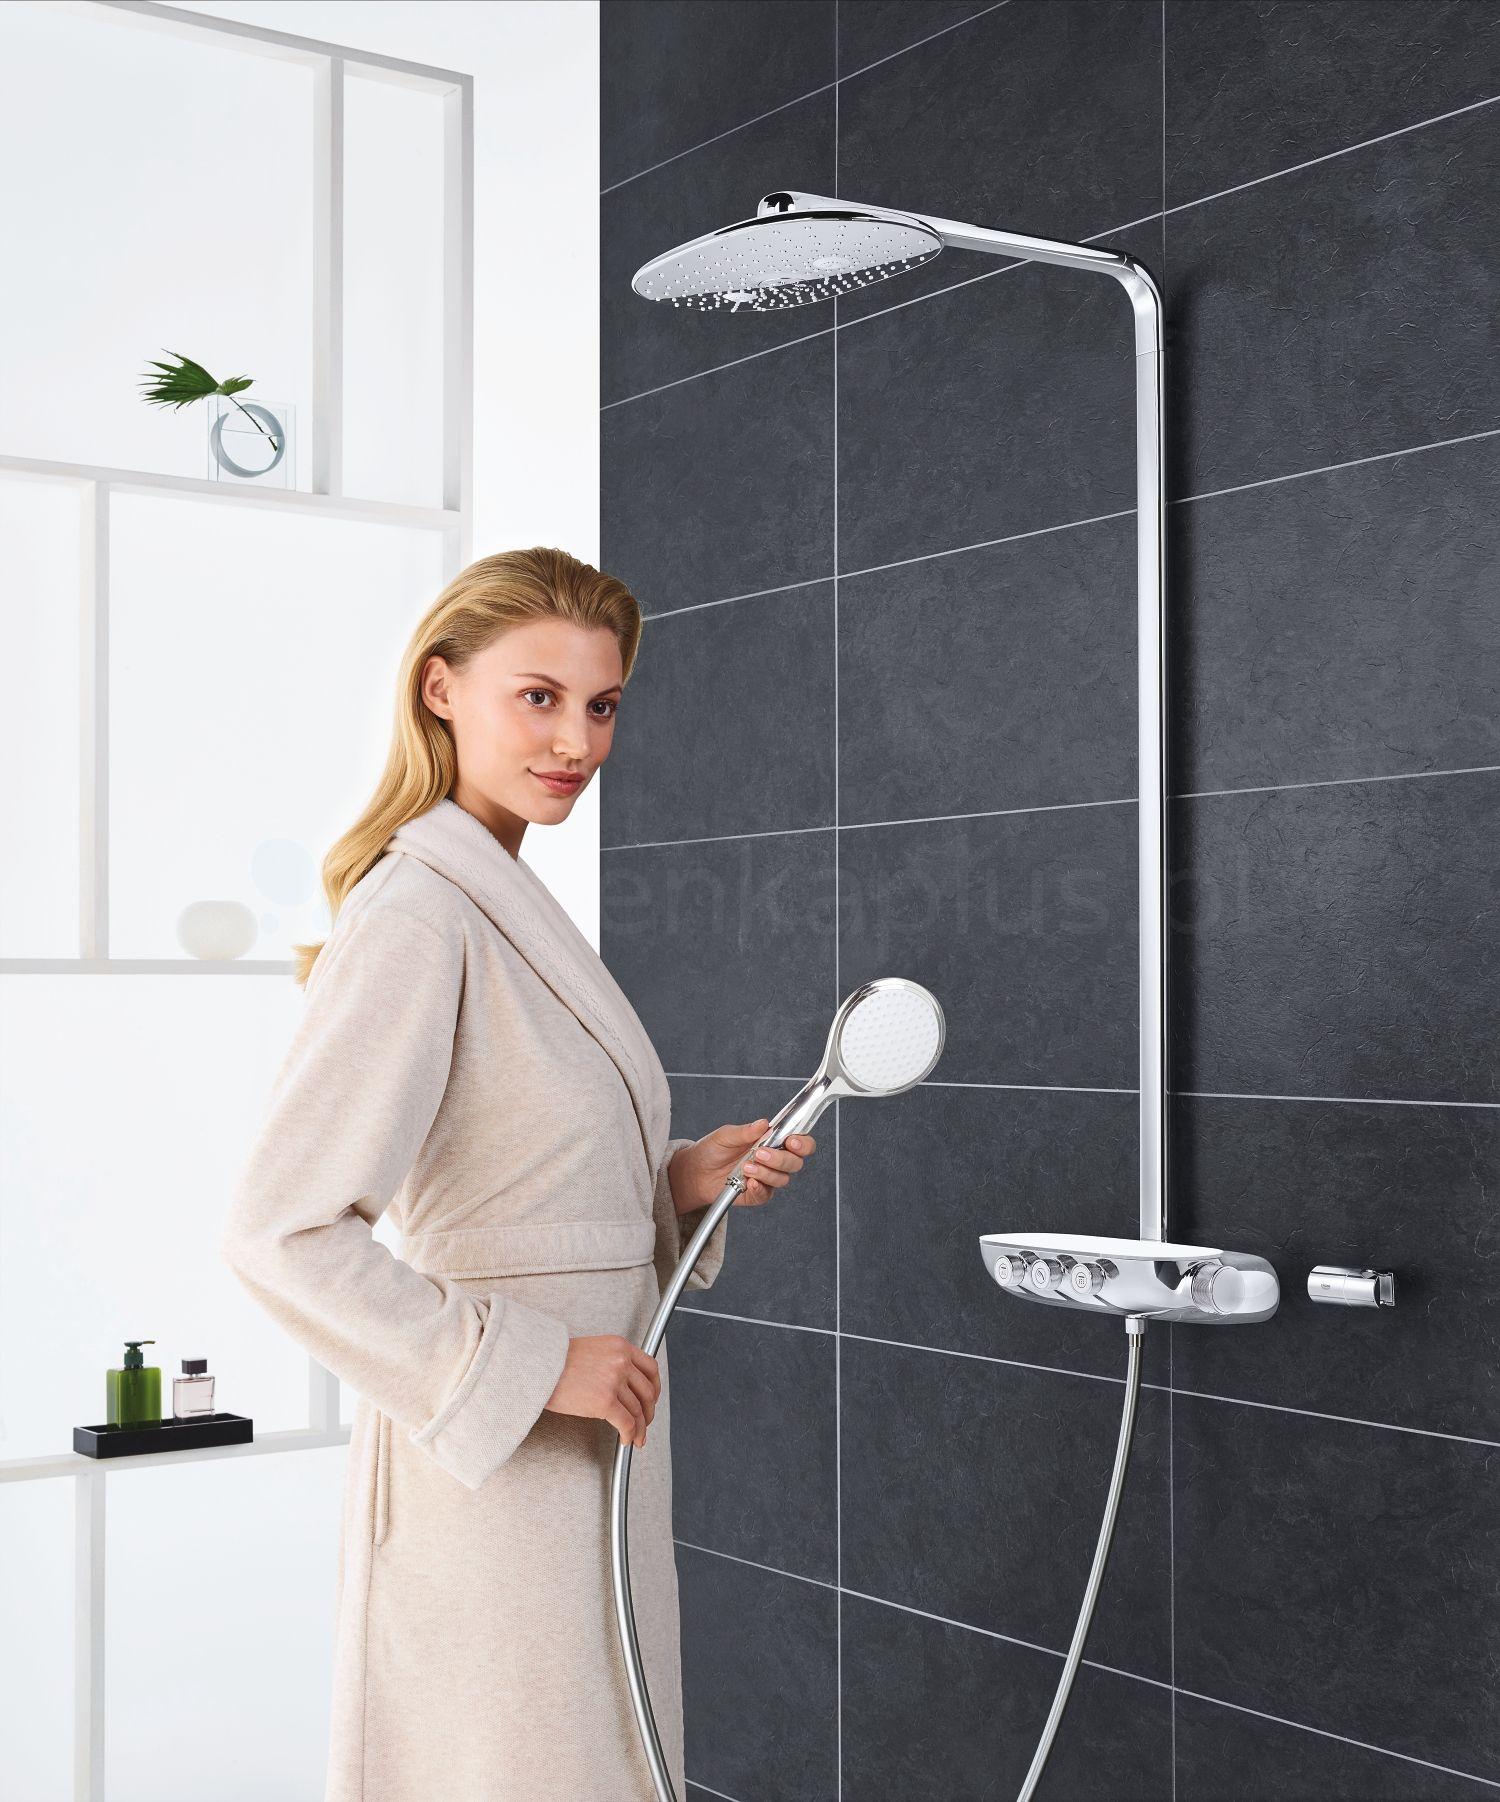 Grohe zestaw prysznicowy w czarno-białej łazience